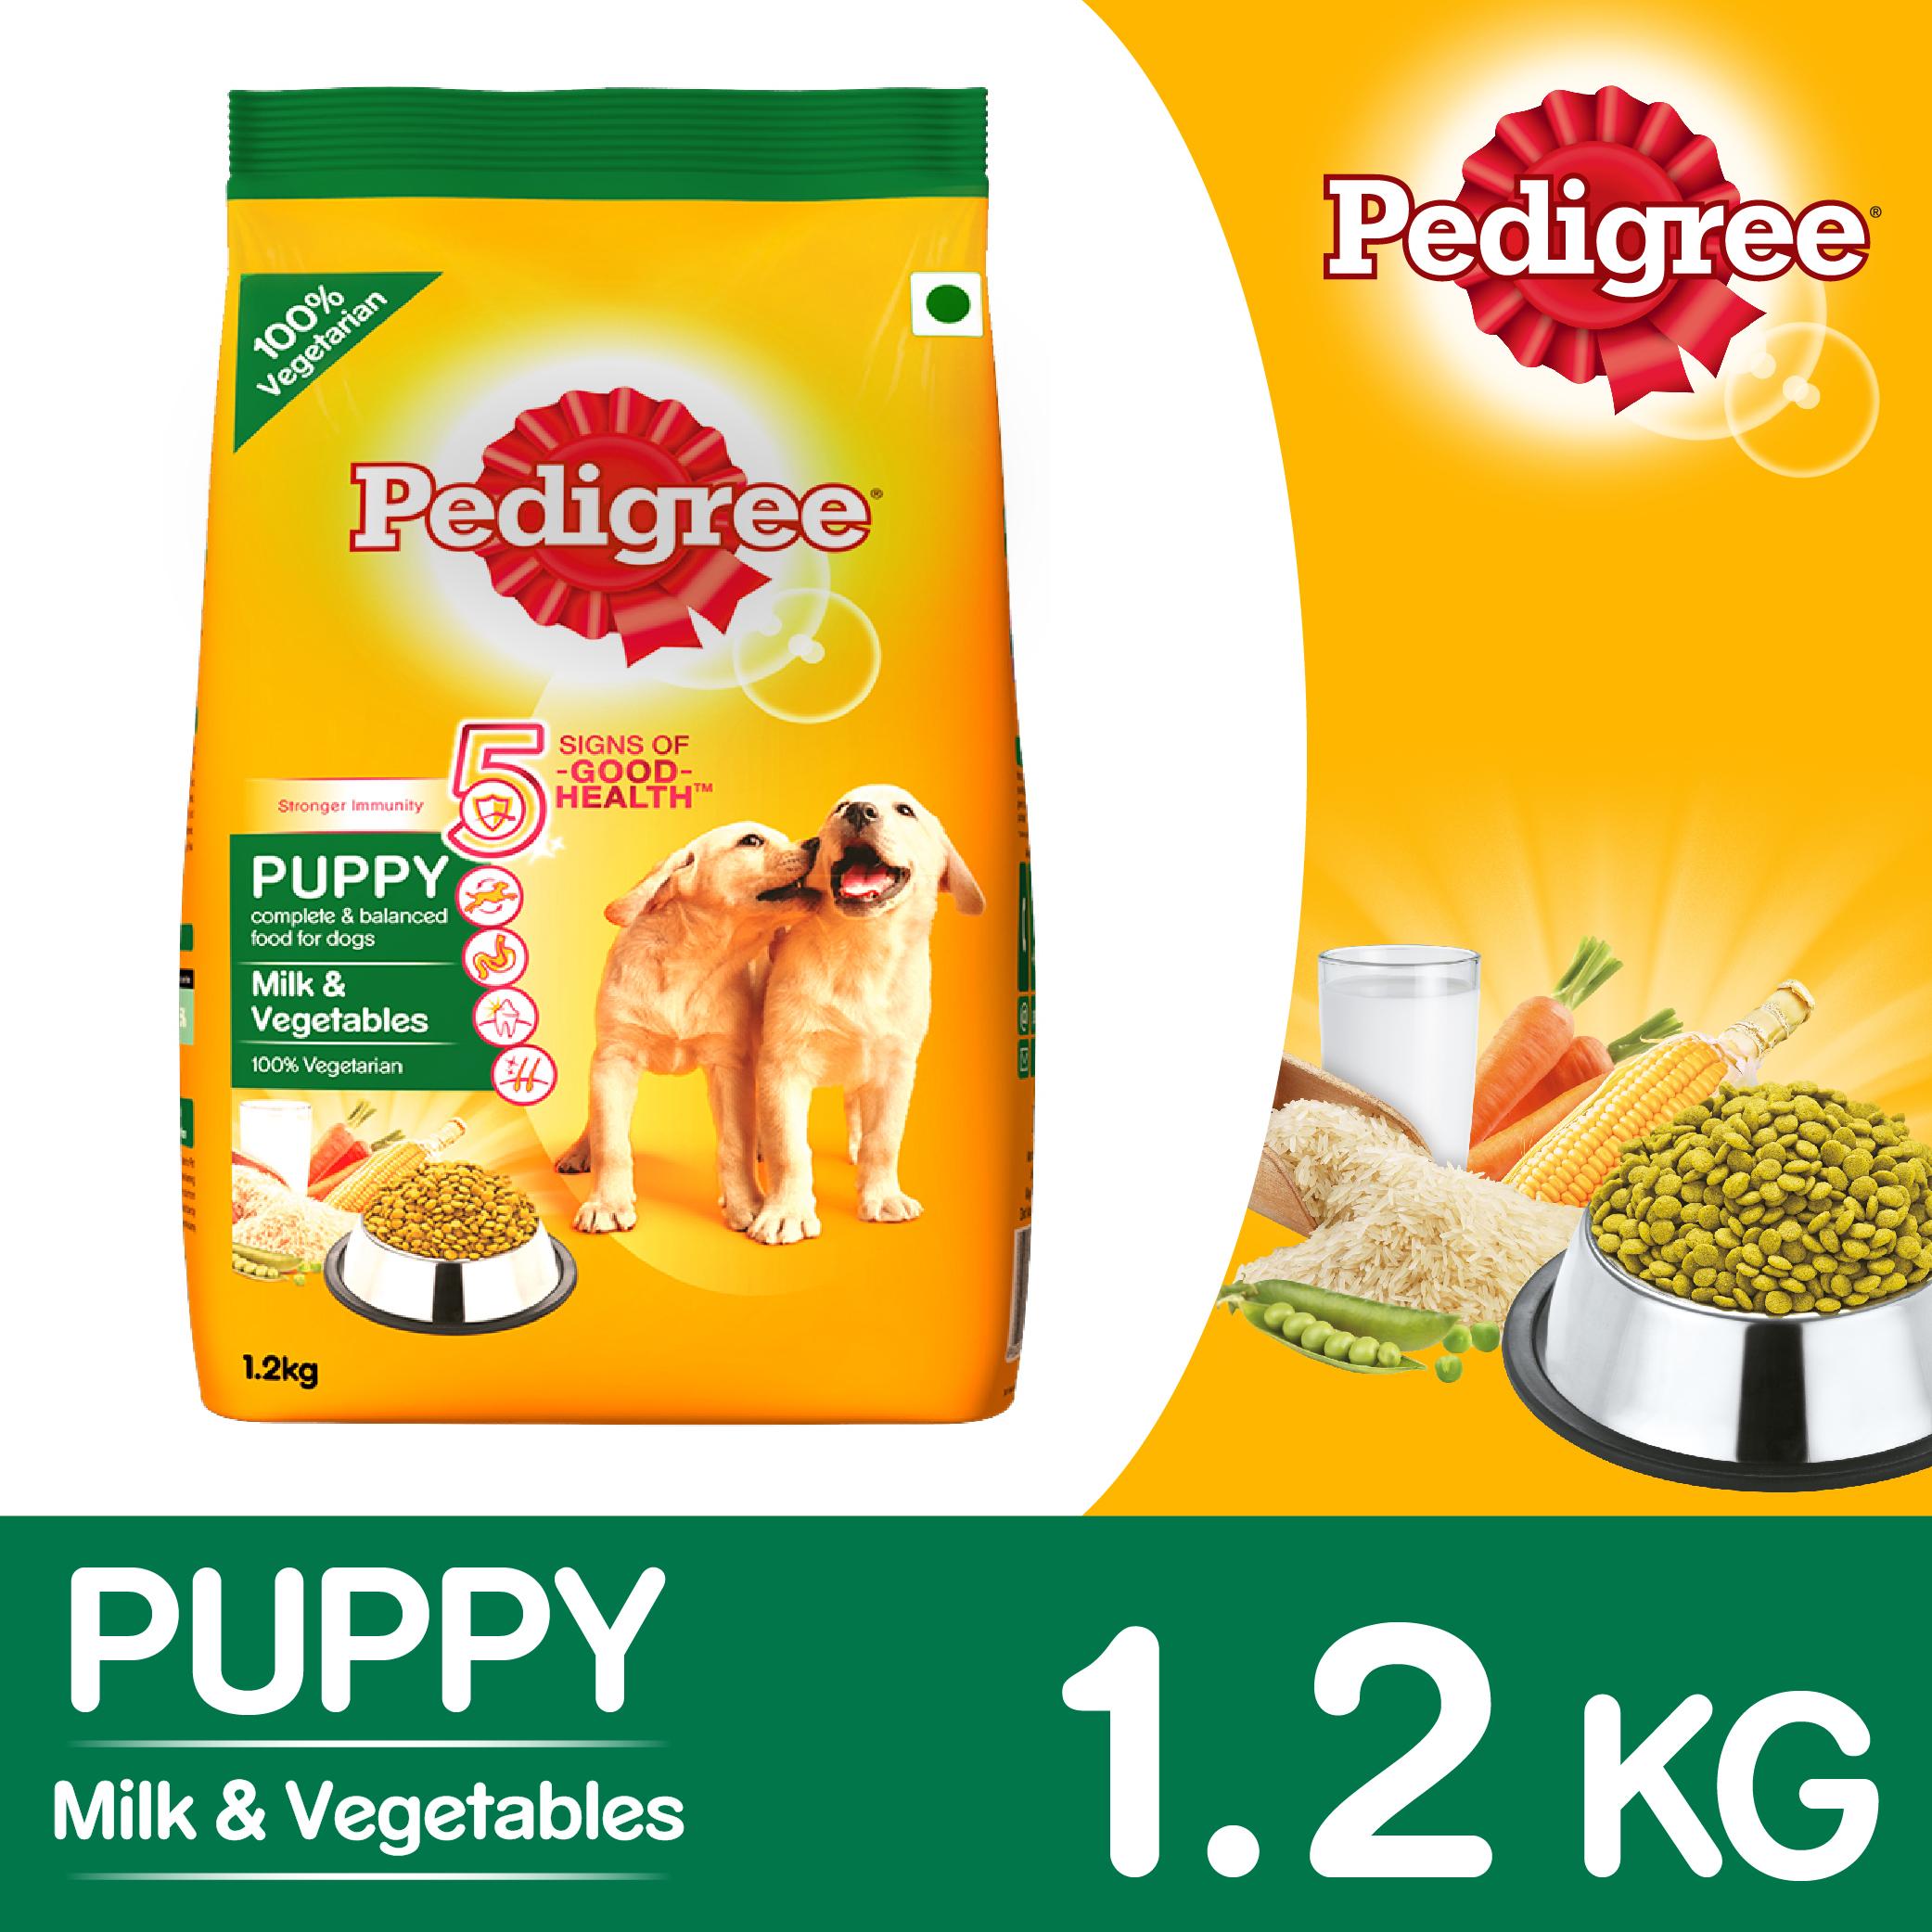 Pedigree Puppy Milk Amp Vegetables Dog Food 1 2 Kg